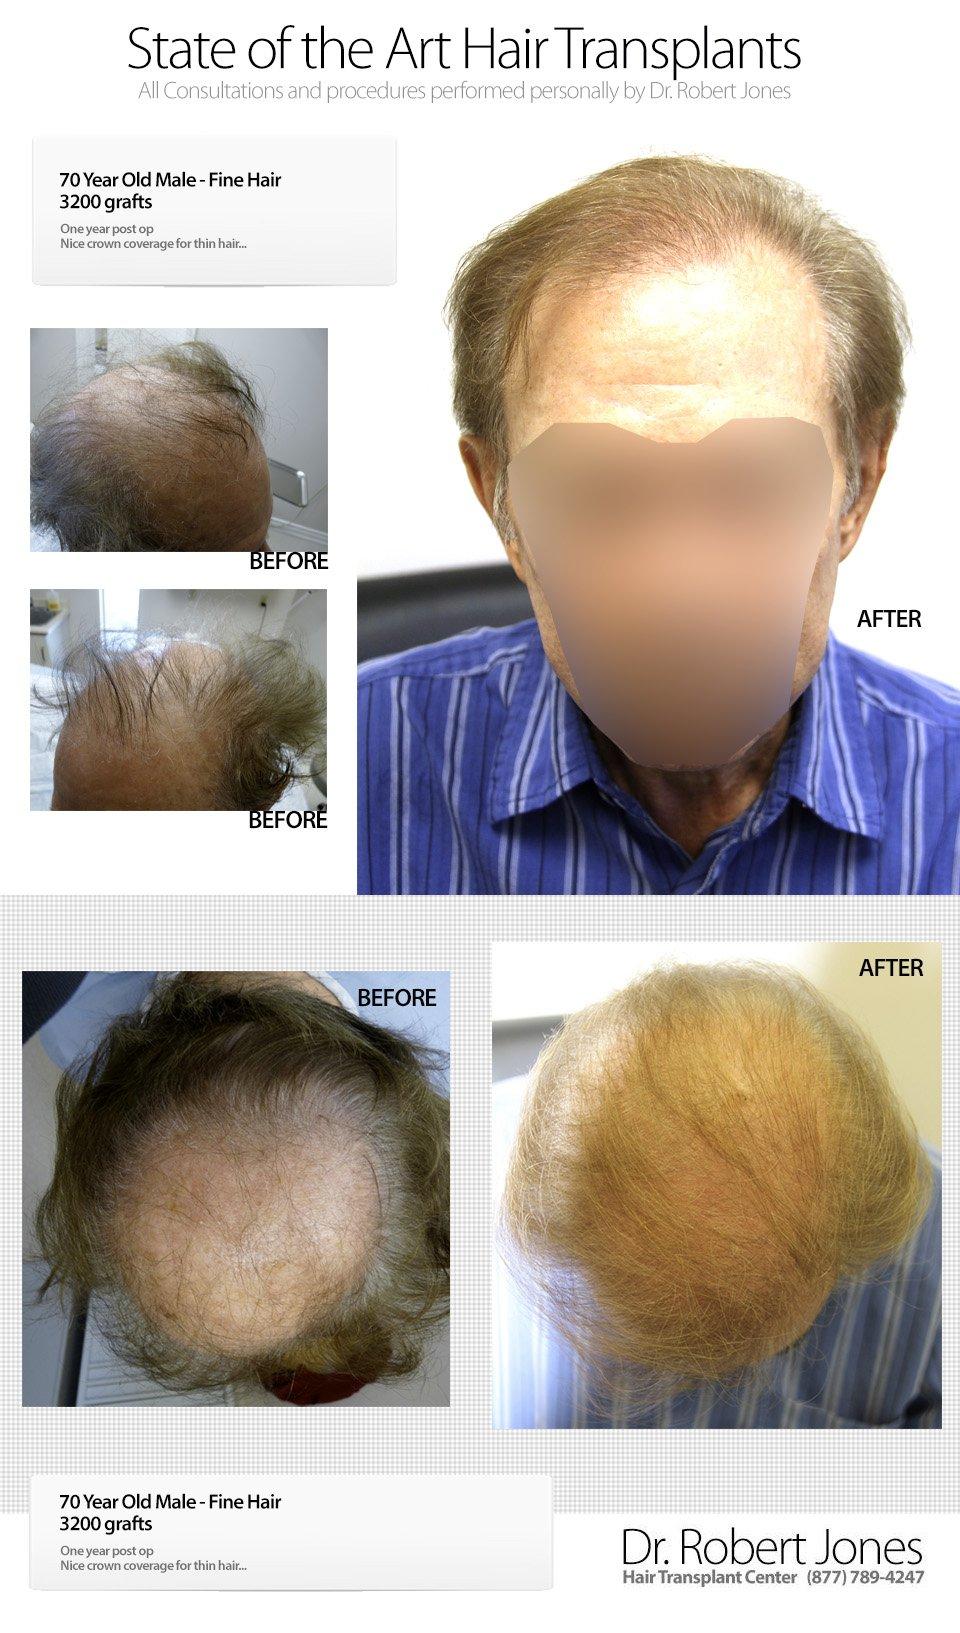 2014-9-6-70-yo-male-3200-grafts-fine-hair-img-1